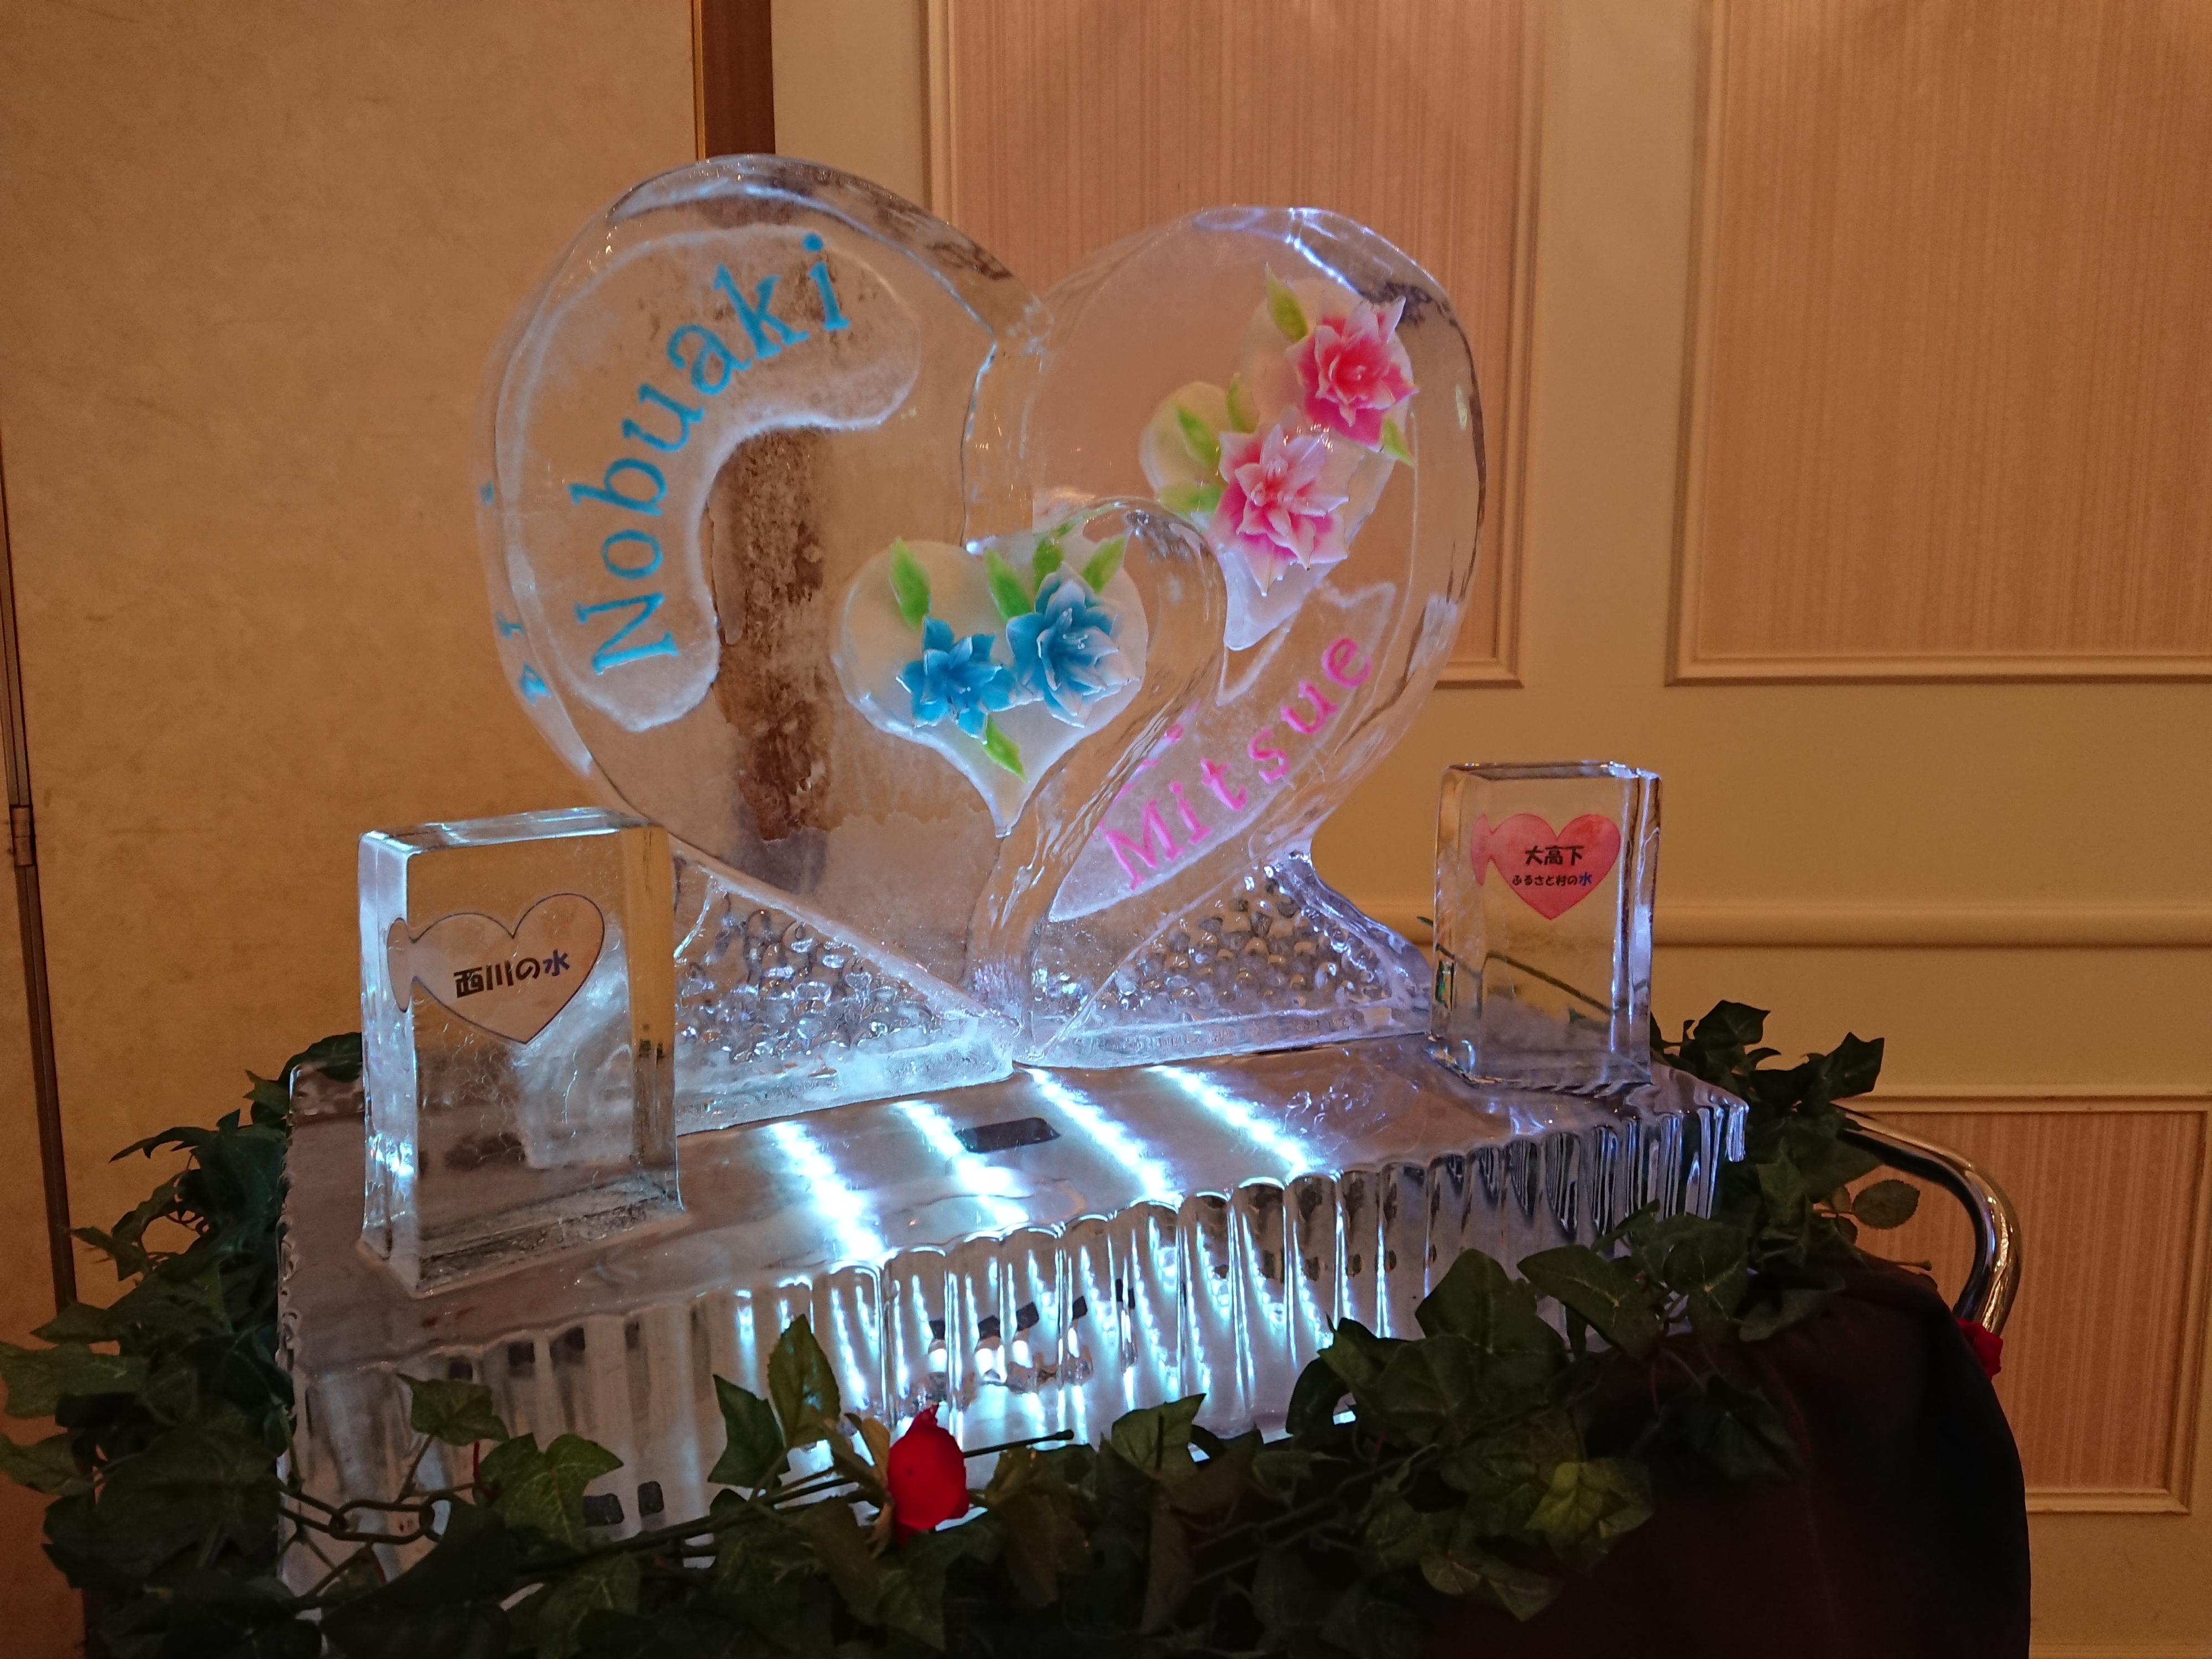 ブライダル氷アート